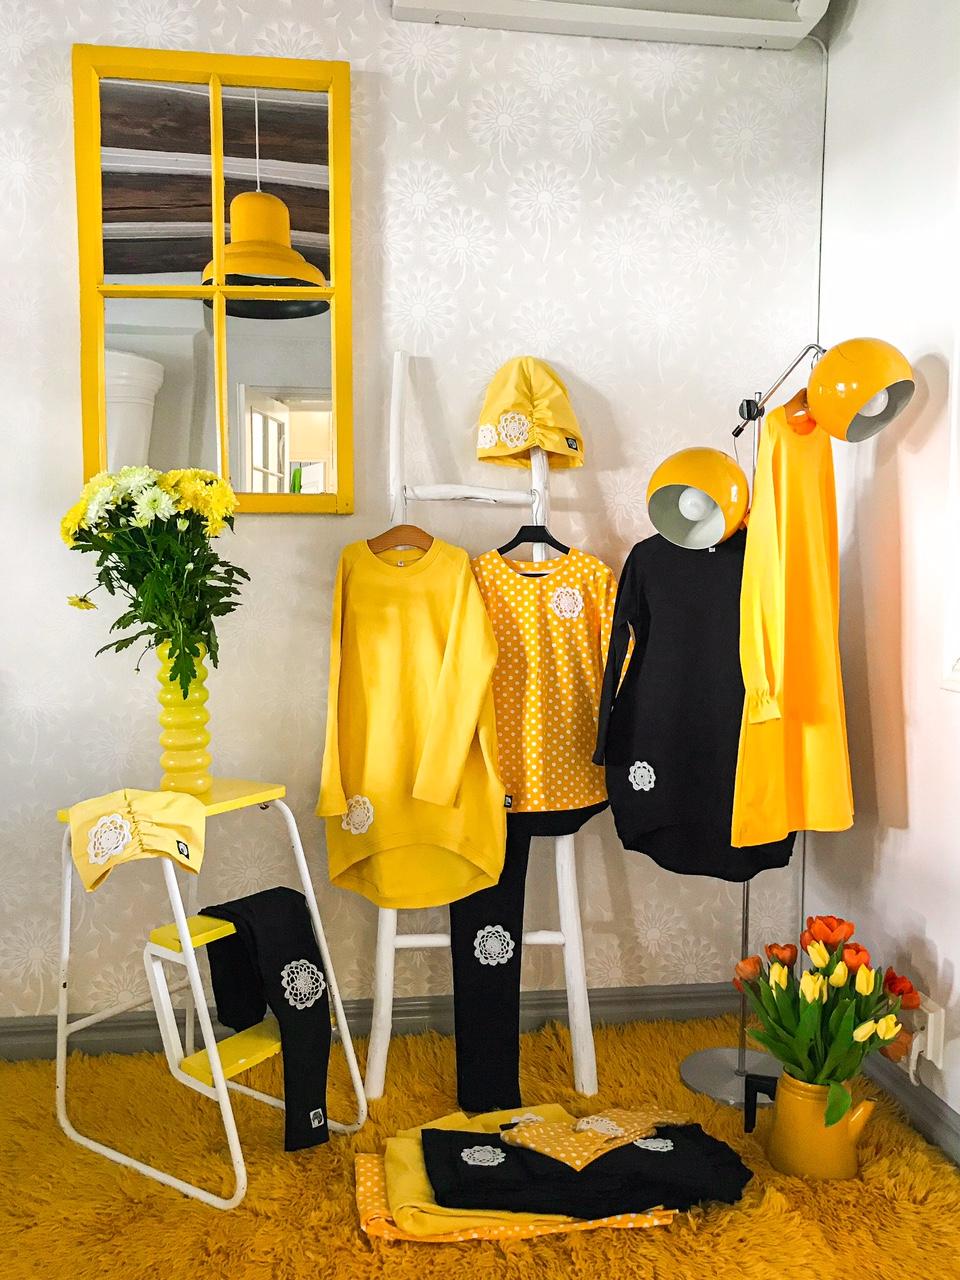 Elluyellow YellowQuu keltaiset vaatteet